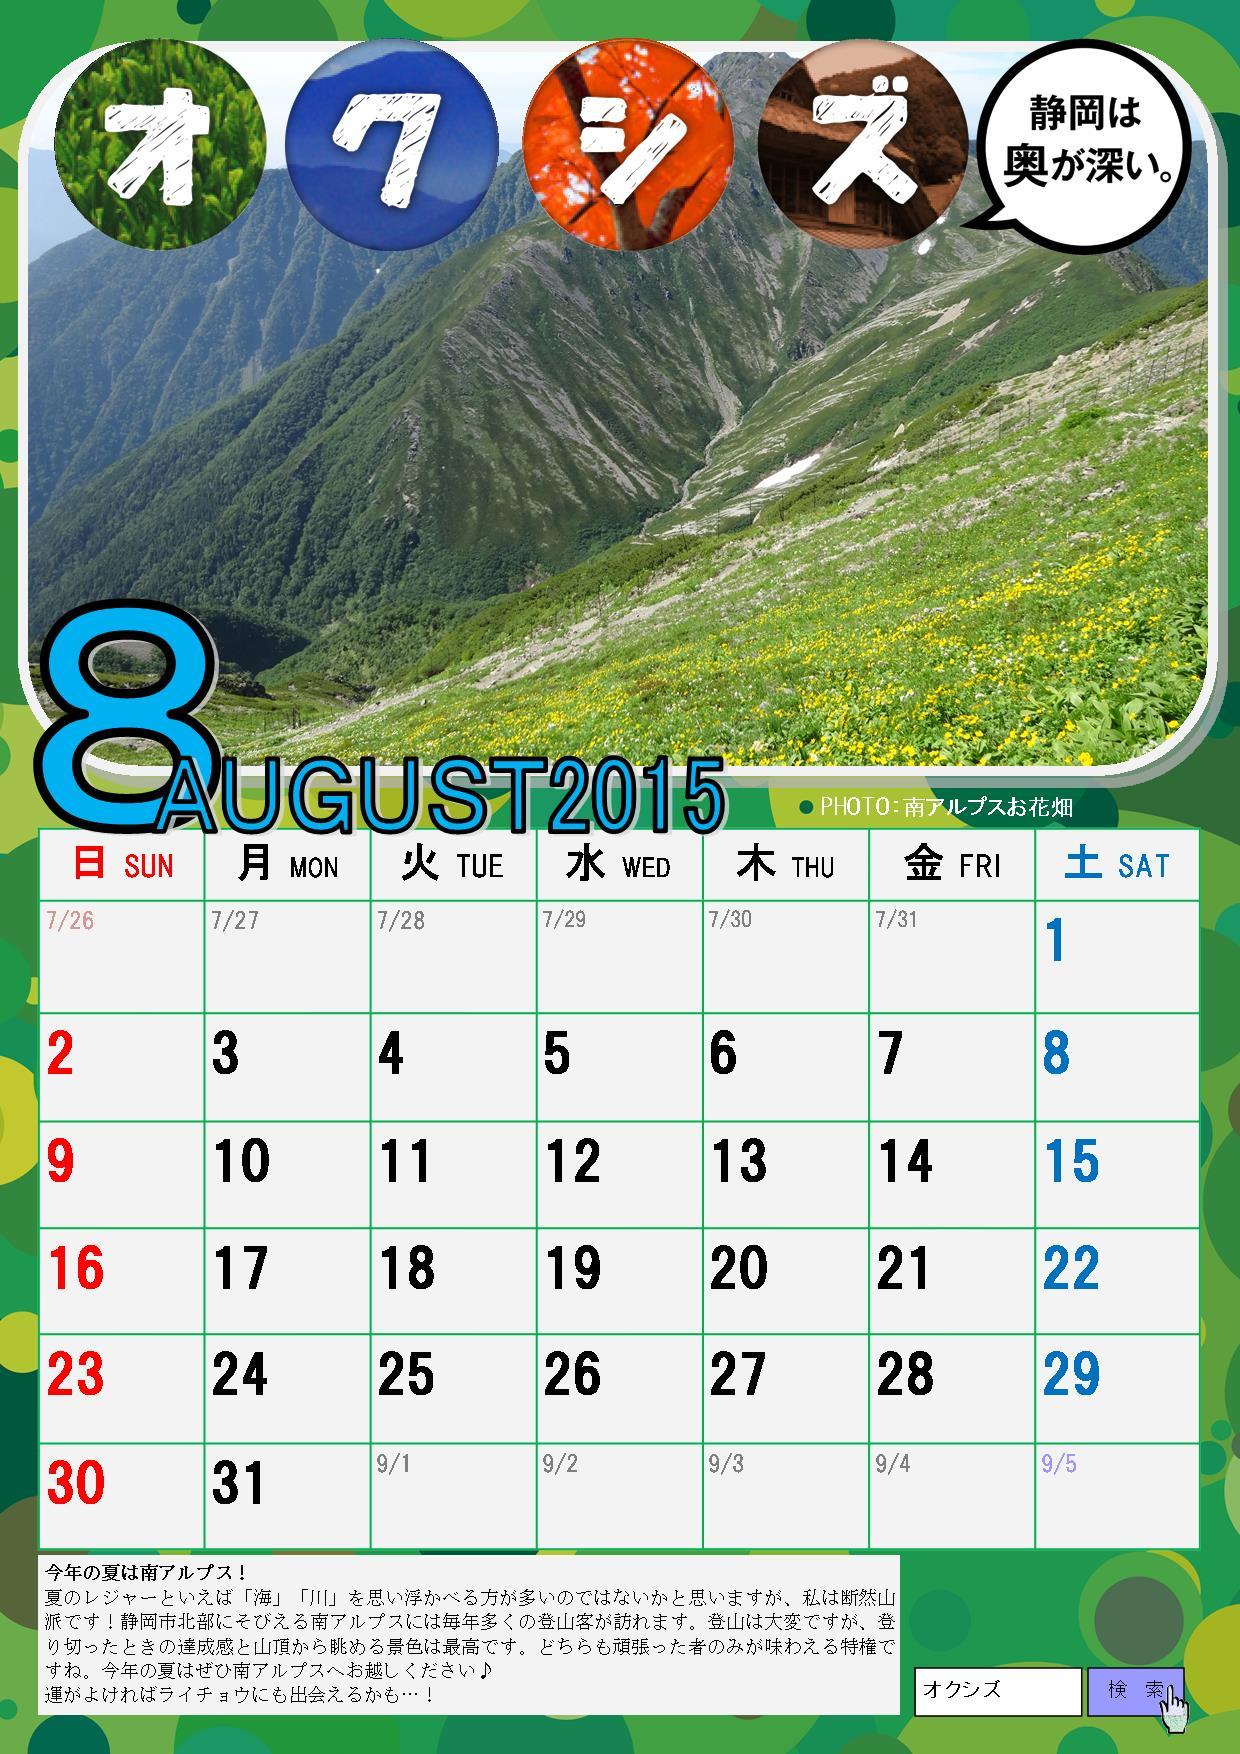 OKU-SIZ calendar August H27.jpg